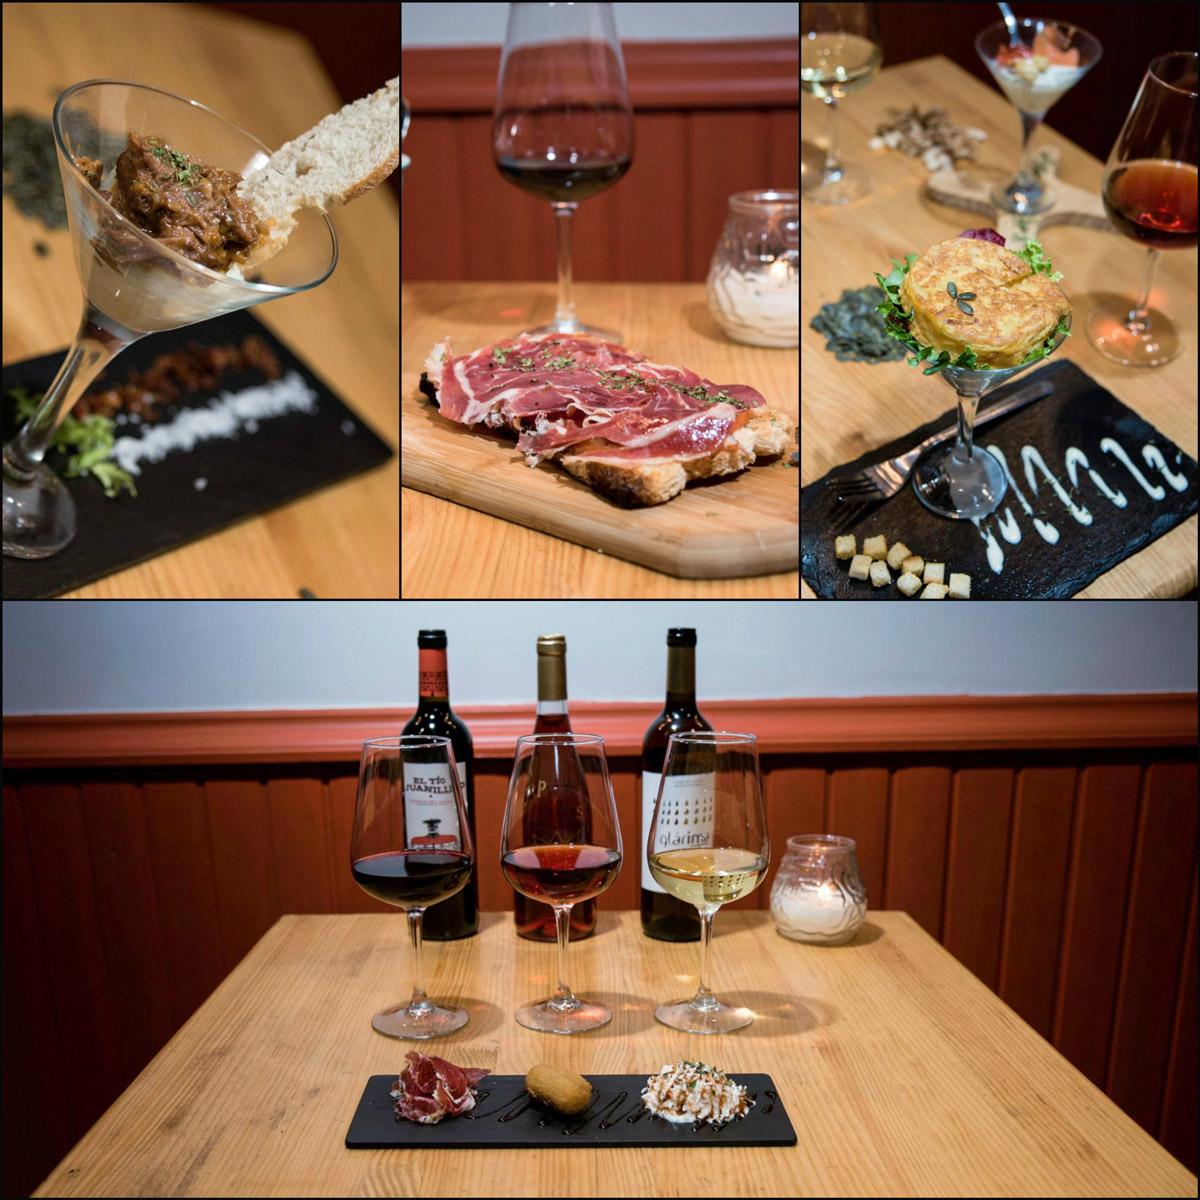 Catas de vino en Madrid en la vinoteca Xelavid, botellas de vino y tapas